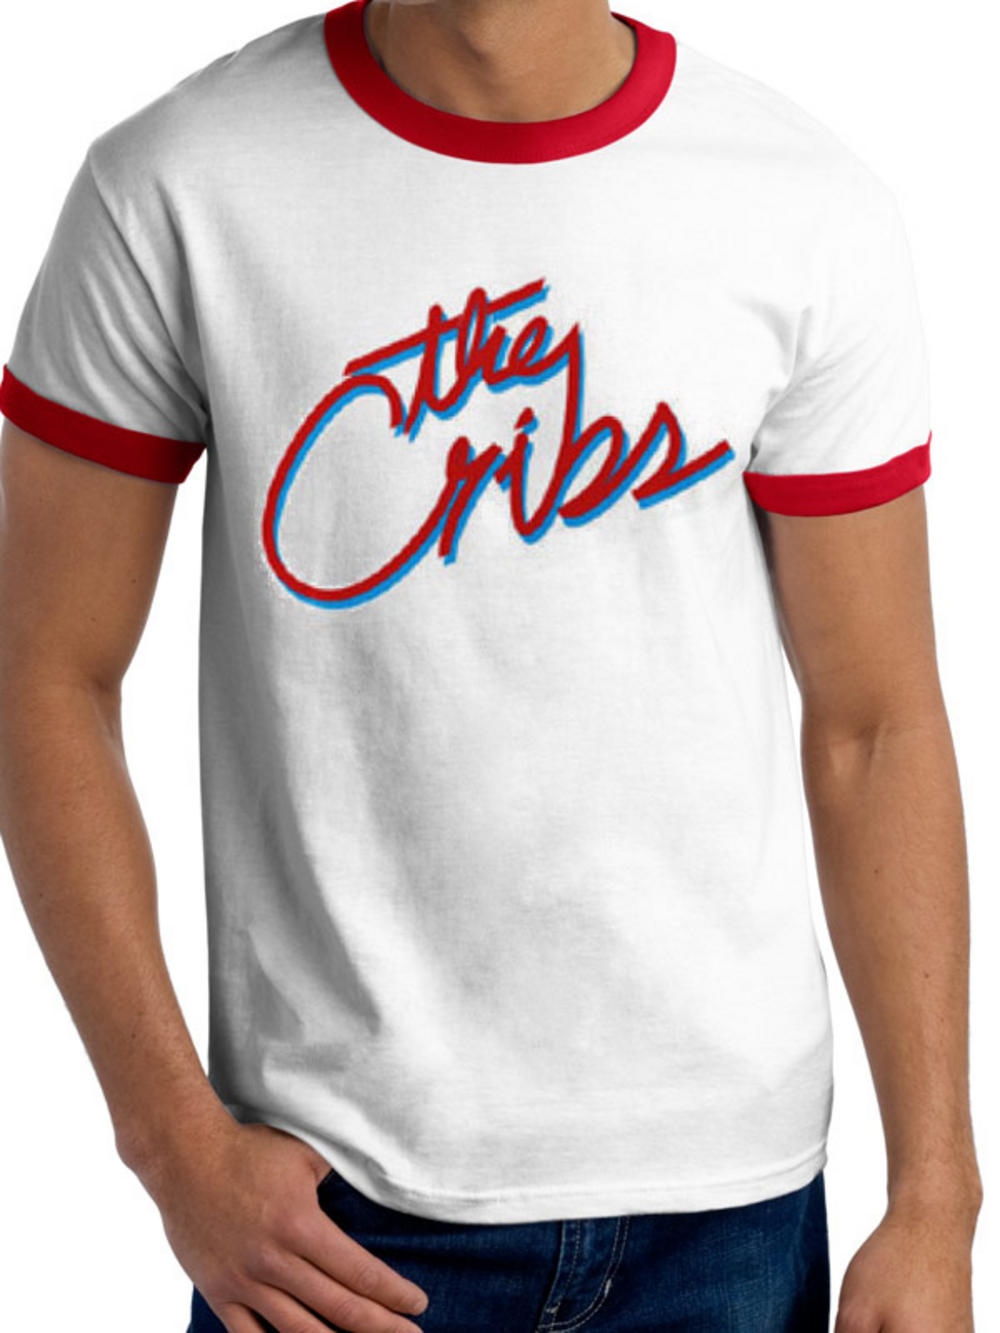 The Cribs (Script Logo) T-shirt